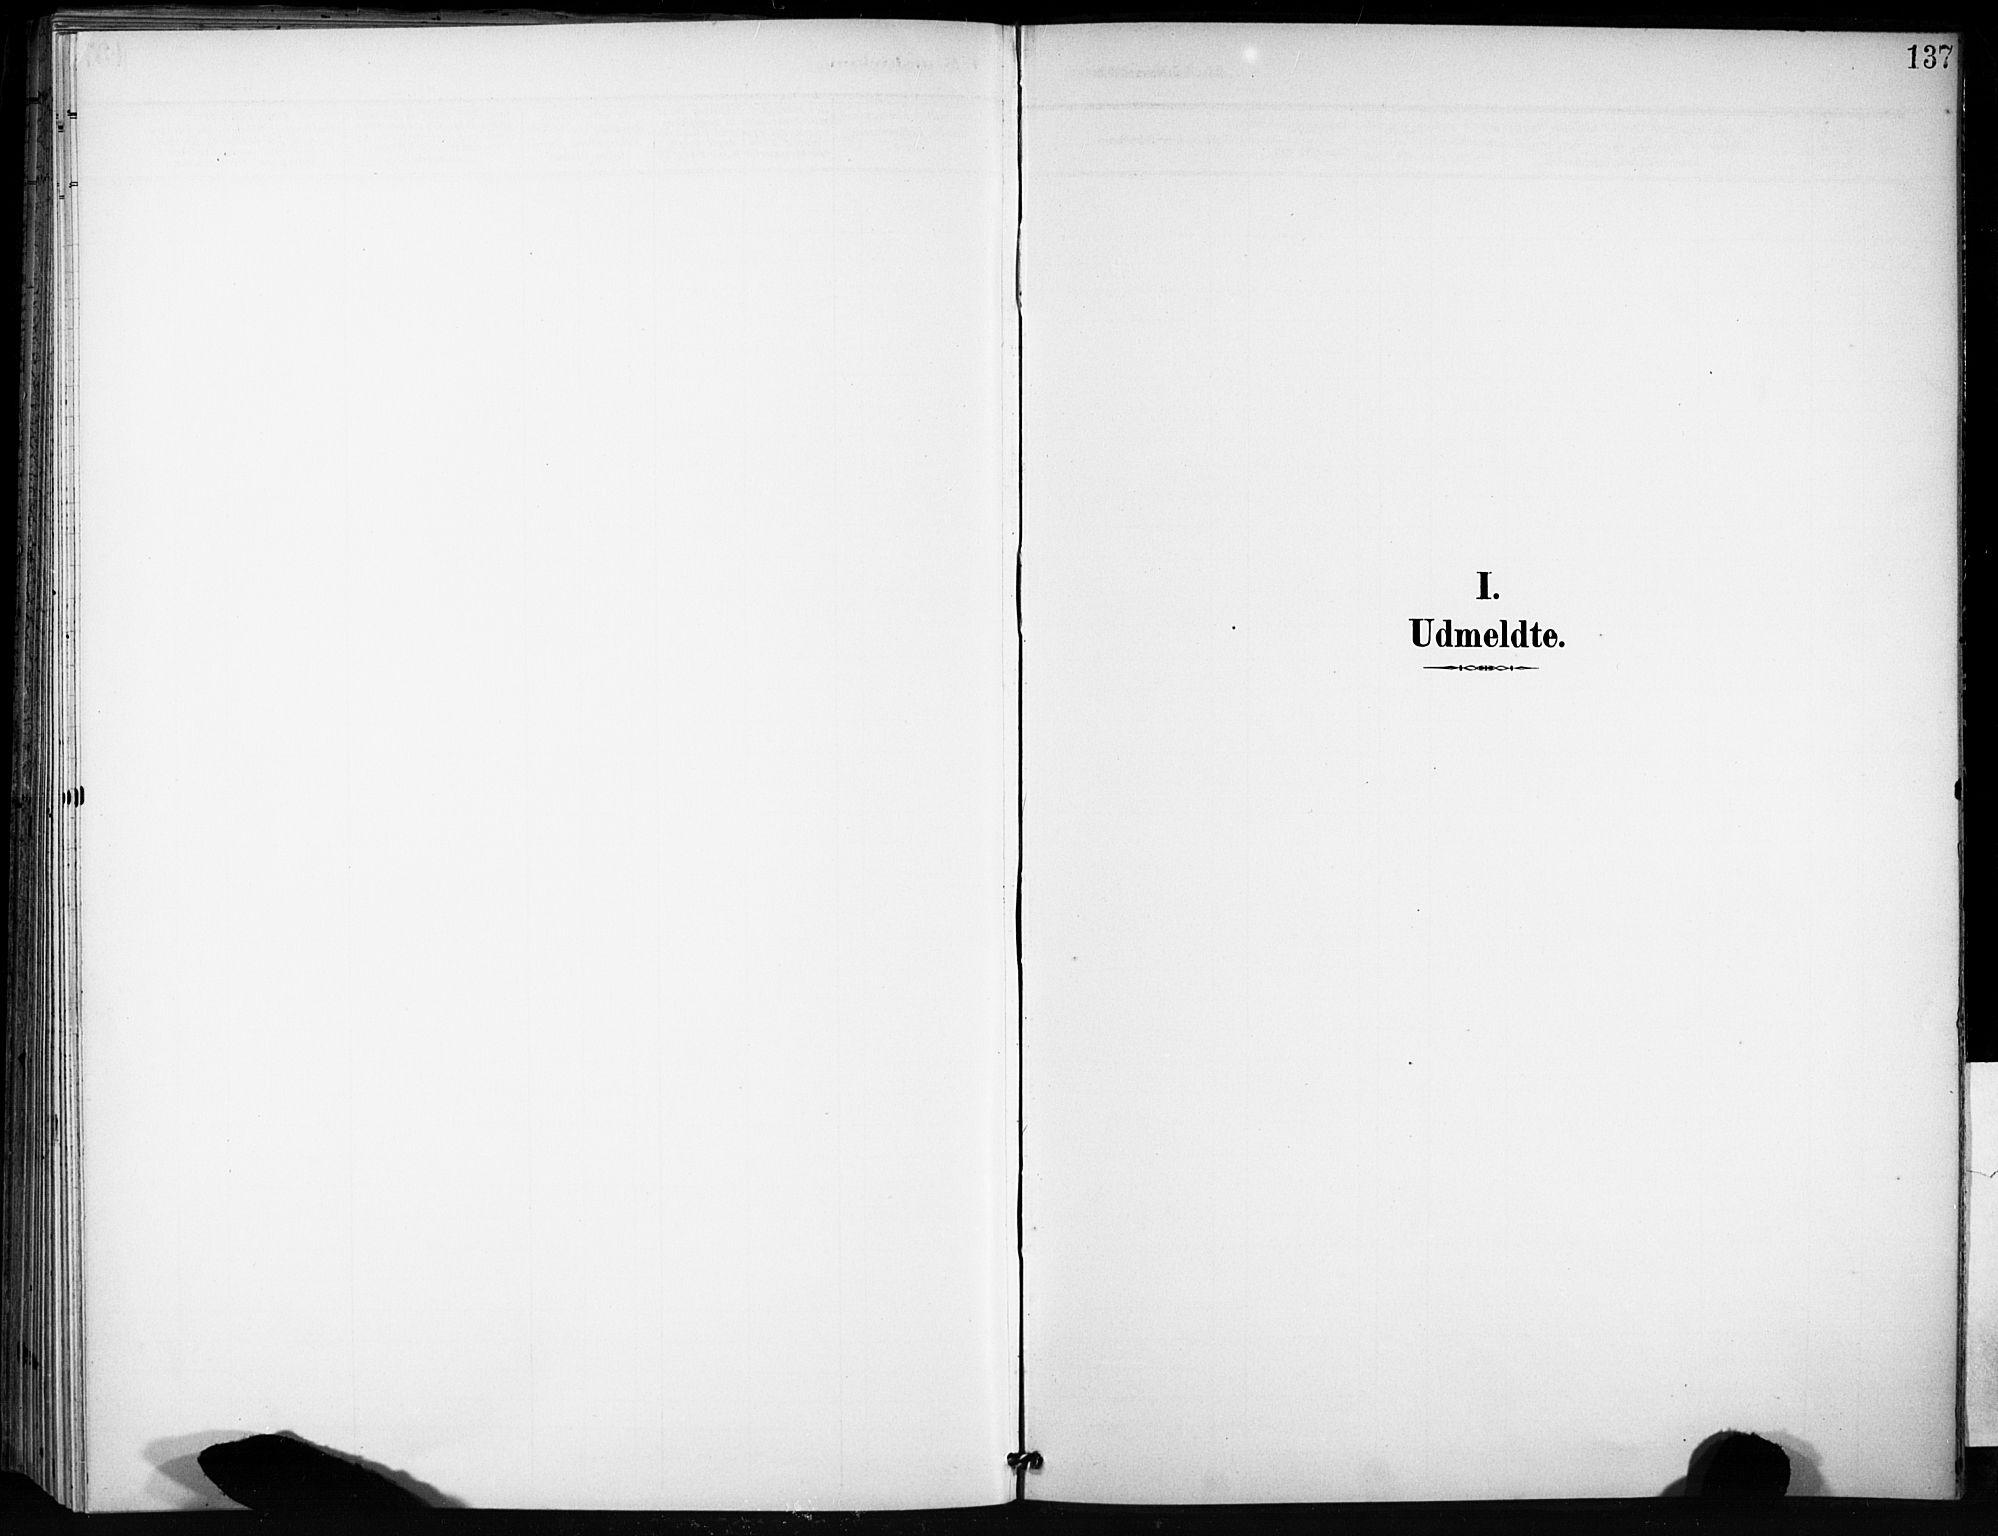 SAT, Ministerialprotokoller, klokkerbøker og fødselsregistre - Sør-Trøndelag, 666/L0787: Ministerialbok nr. 666A05, 1895-1908, s. 137